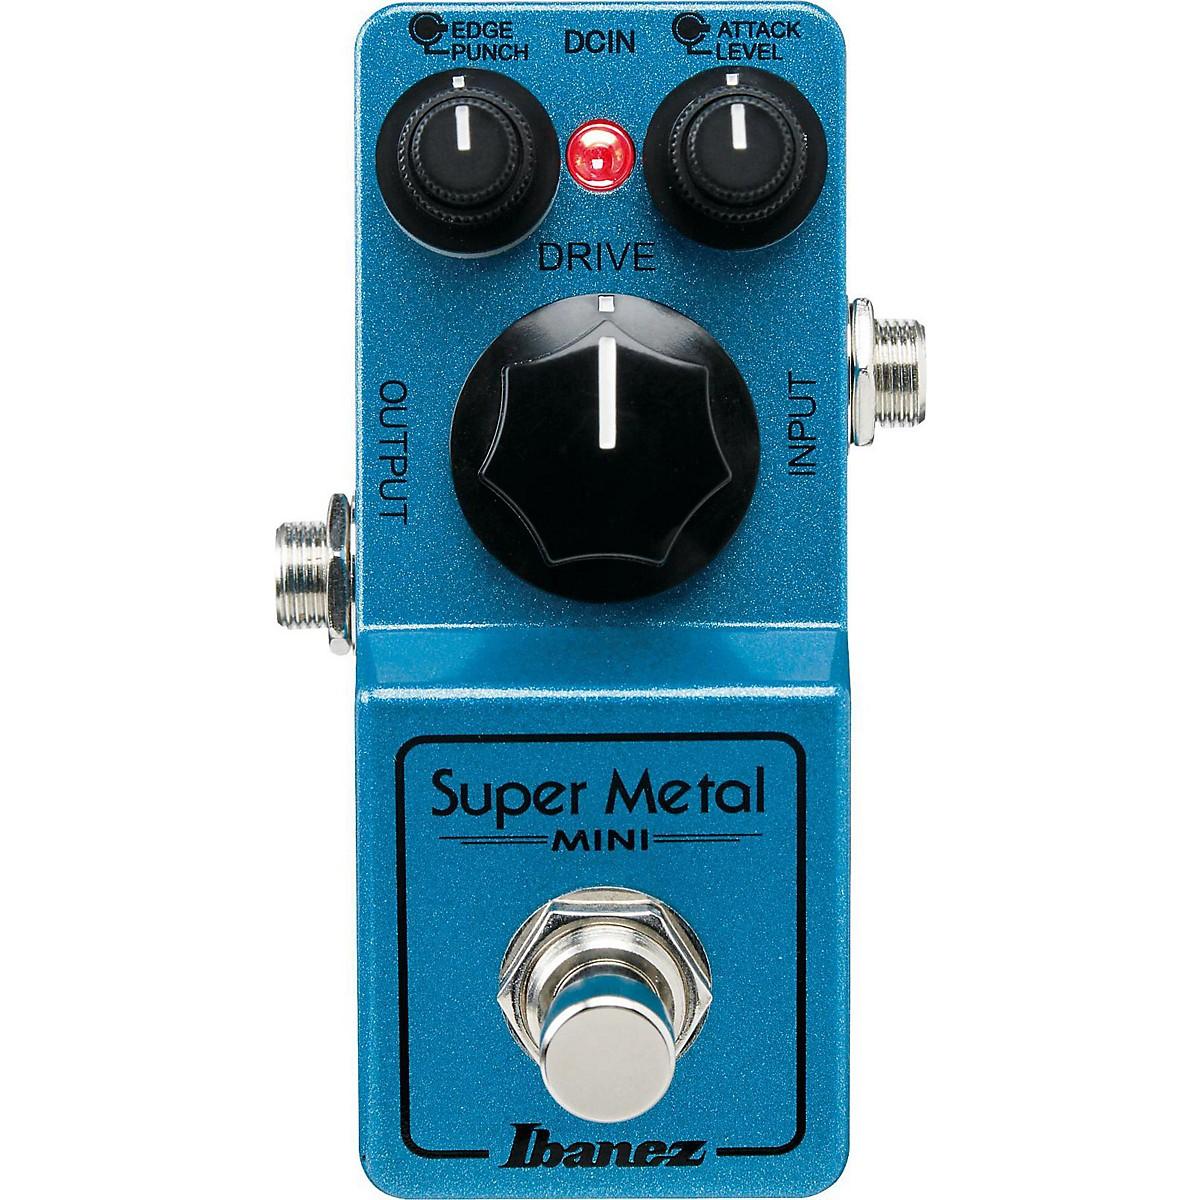 Ibanez Mini Super Metal Guitar Pedal